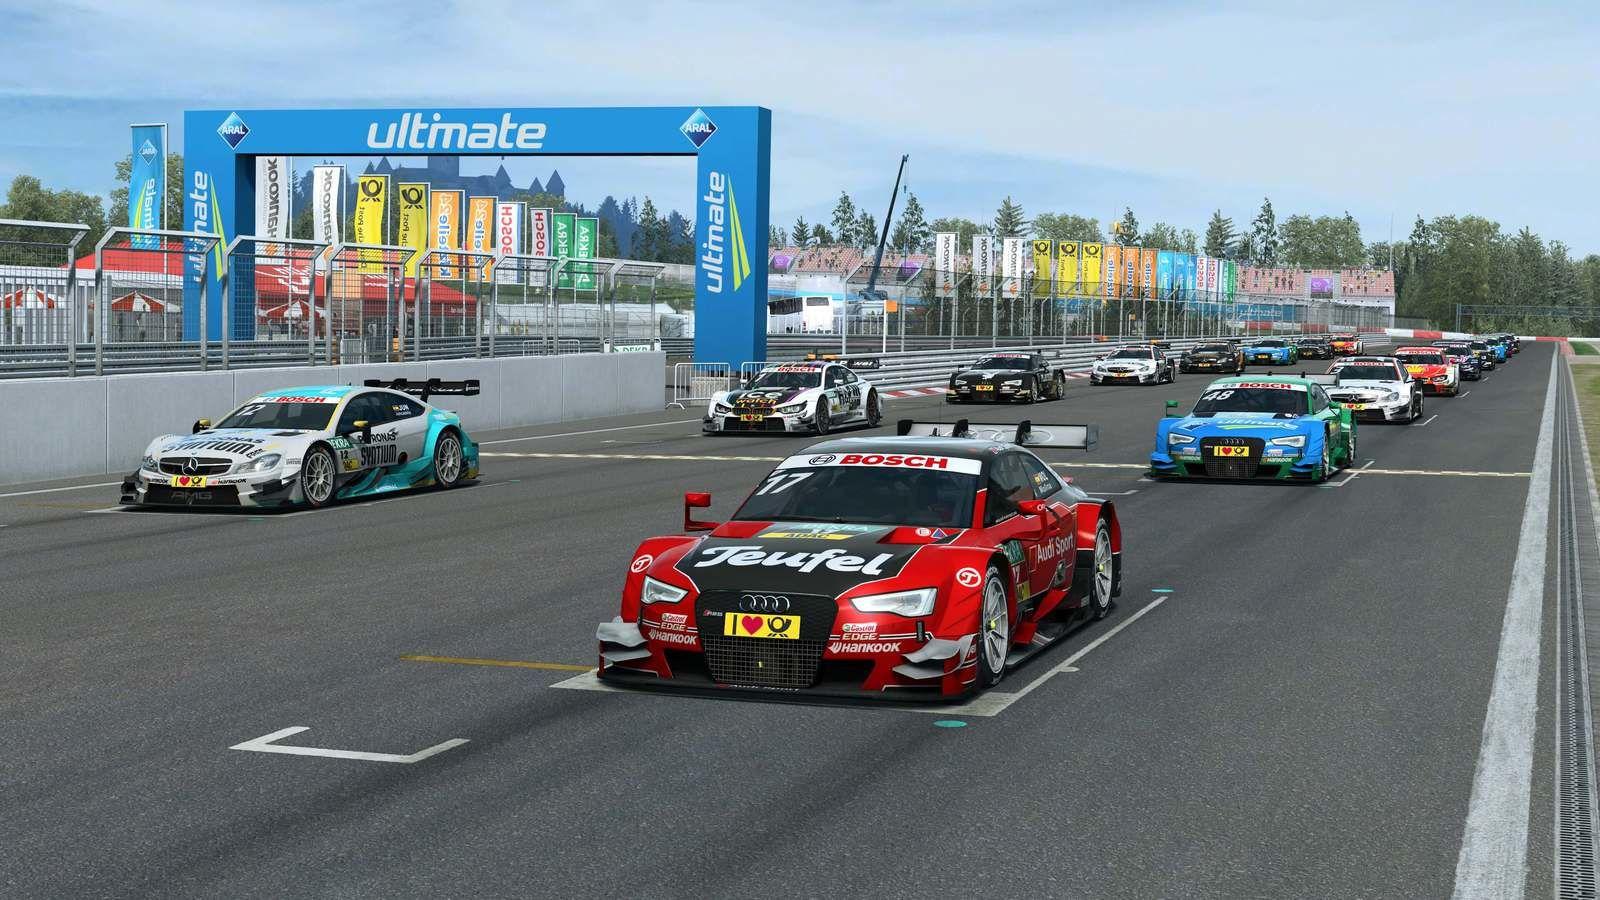 Raceroom - Nouvelle étape dans le développement.